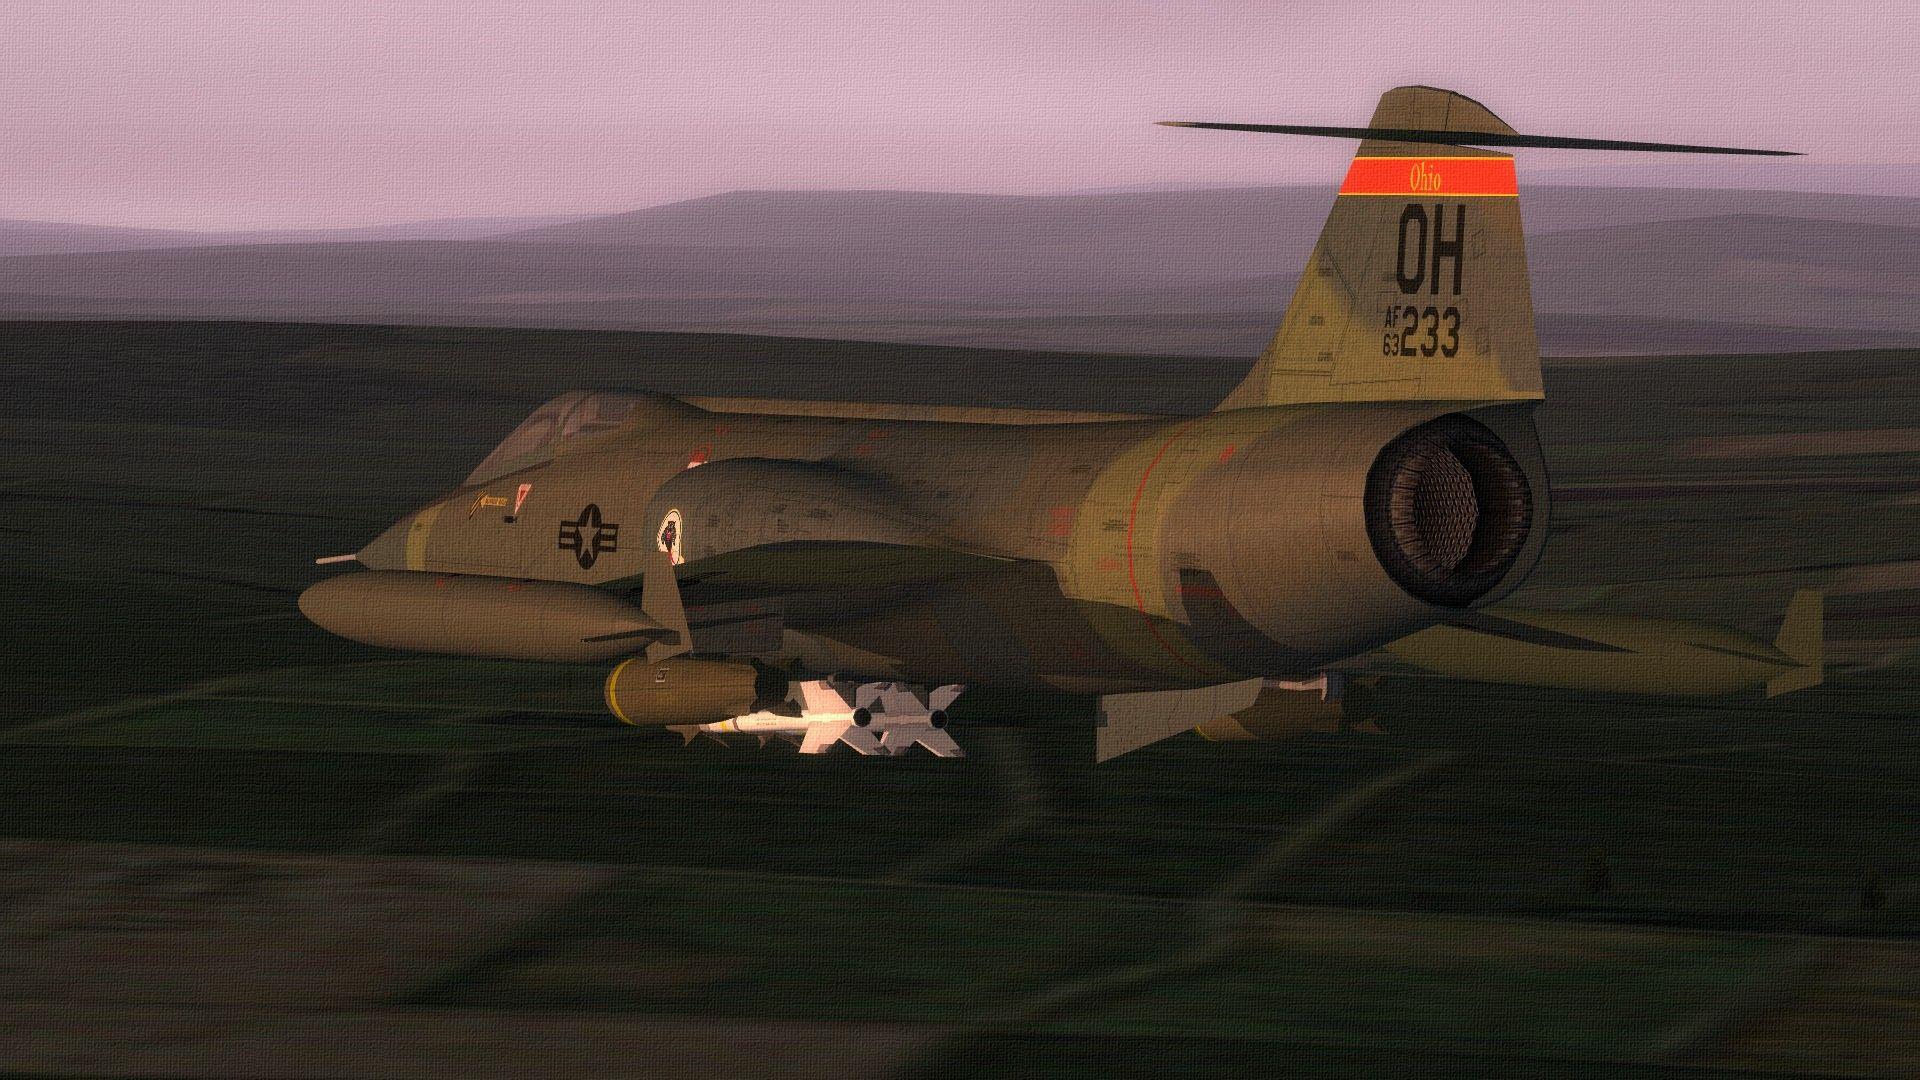 USAFF-104CSTARFIGHTER11.jpg